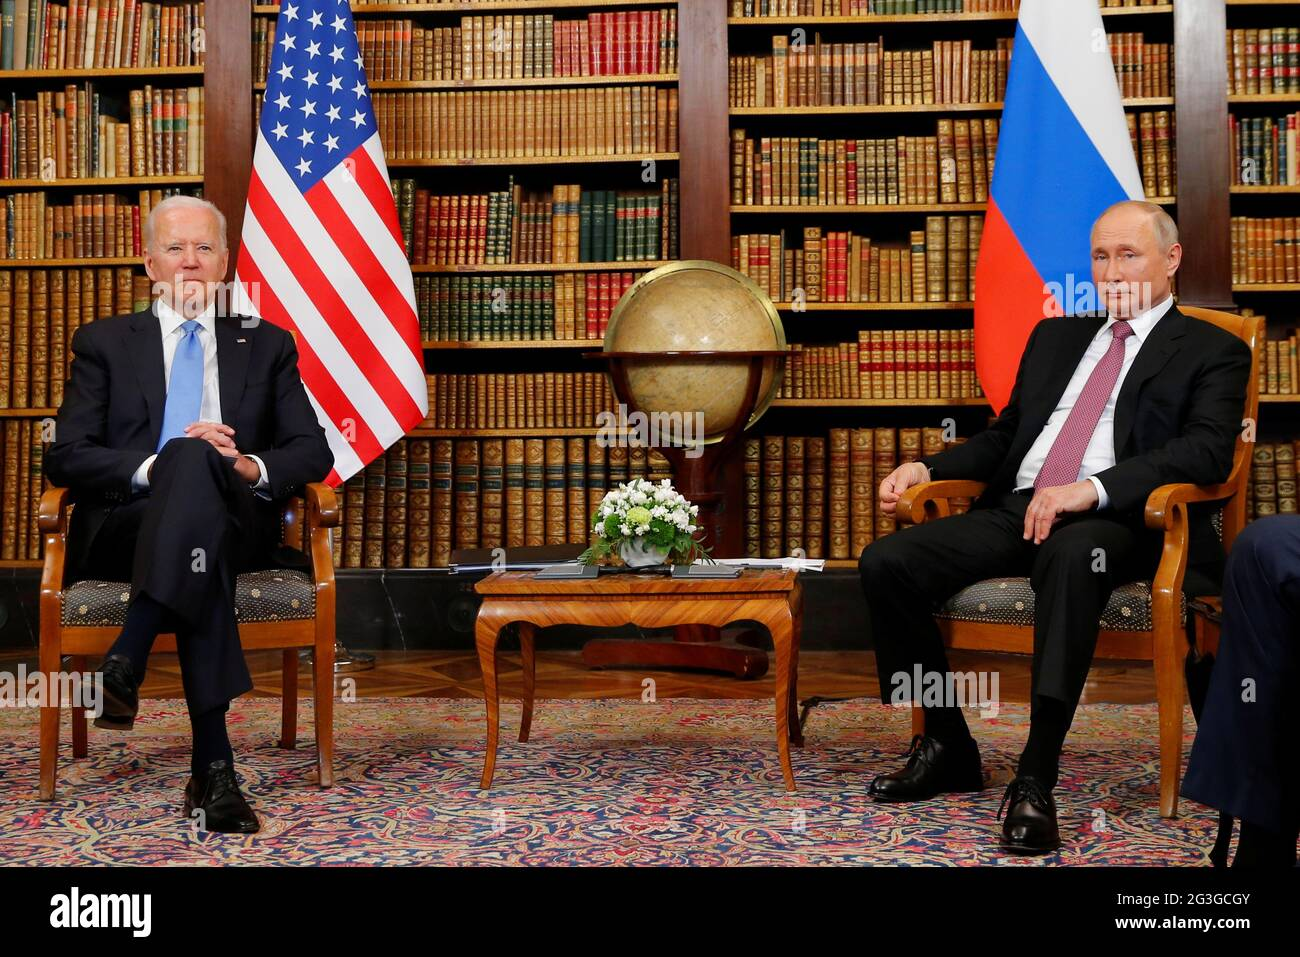 US-Präsident Joe Biden und Russlands Präsident Wladimir Putin treffen sich am 16. Juni 2021 in der Villa La Grange in Genf, Schweiz, zum USA-Russland-Gipfel. REUTERS/Denis Balibouse/Pool Stockfoto